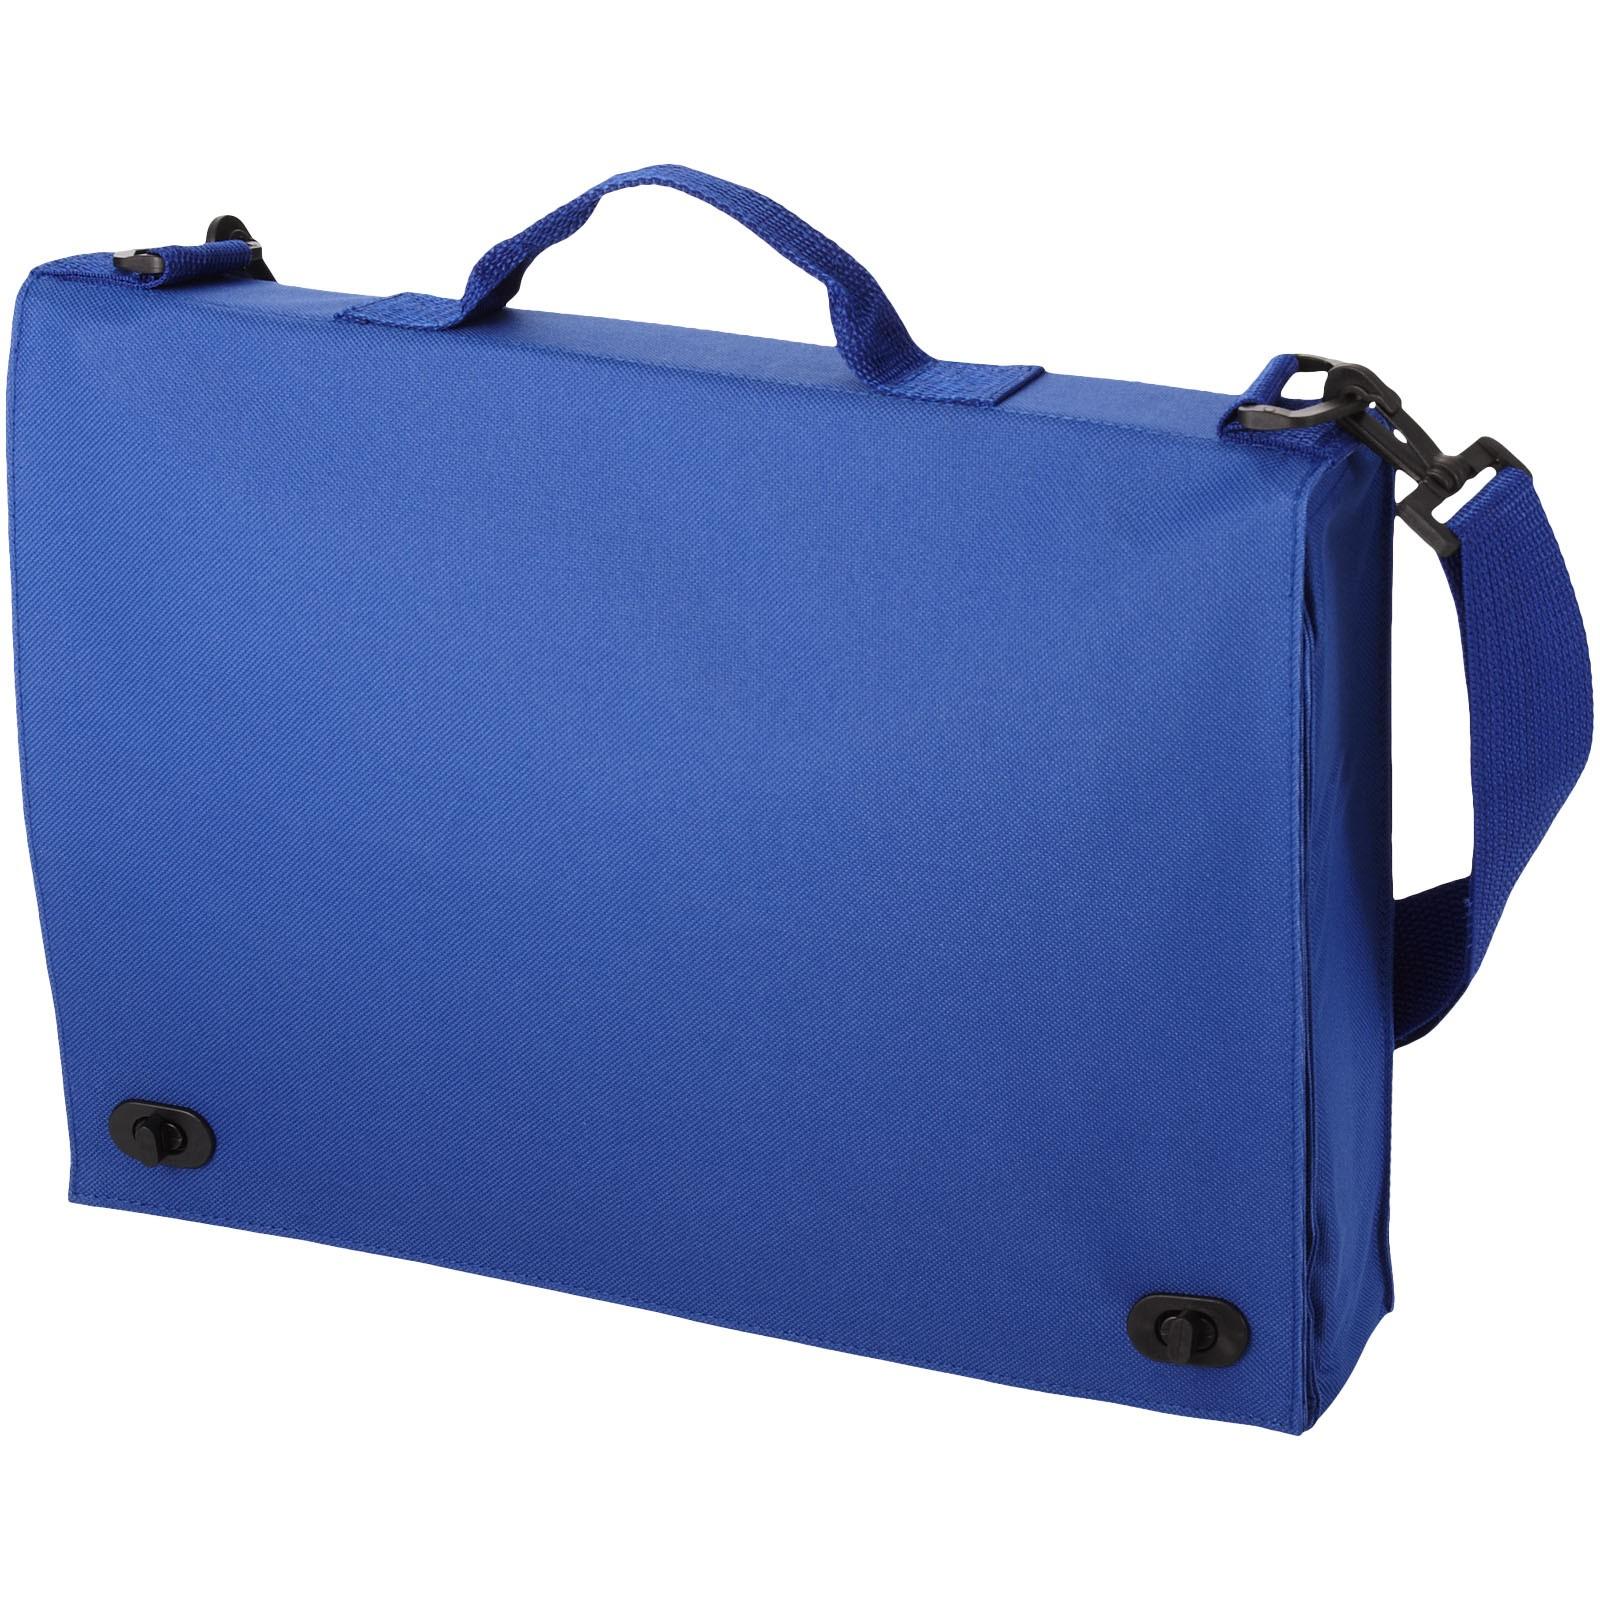 Konferenční taška Santa Fe - Světle modrá